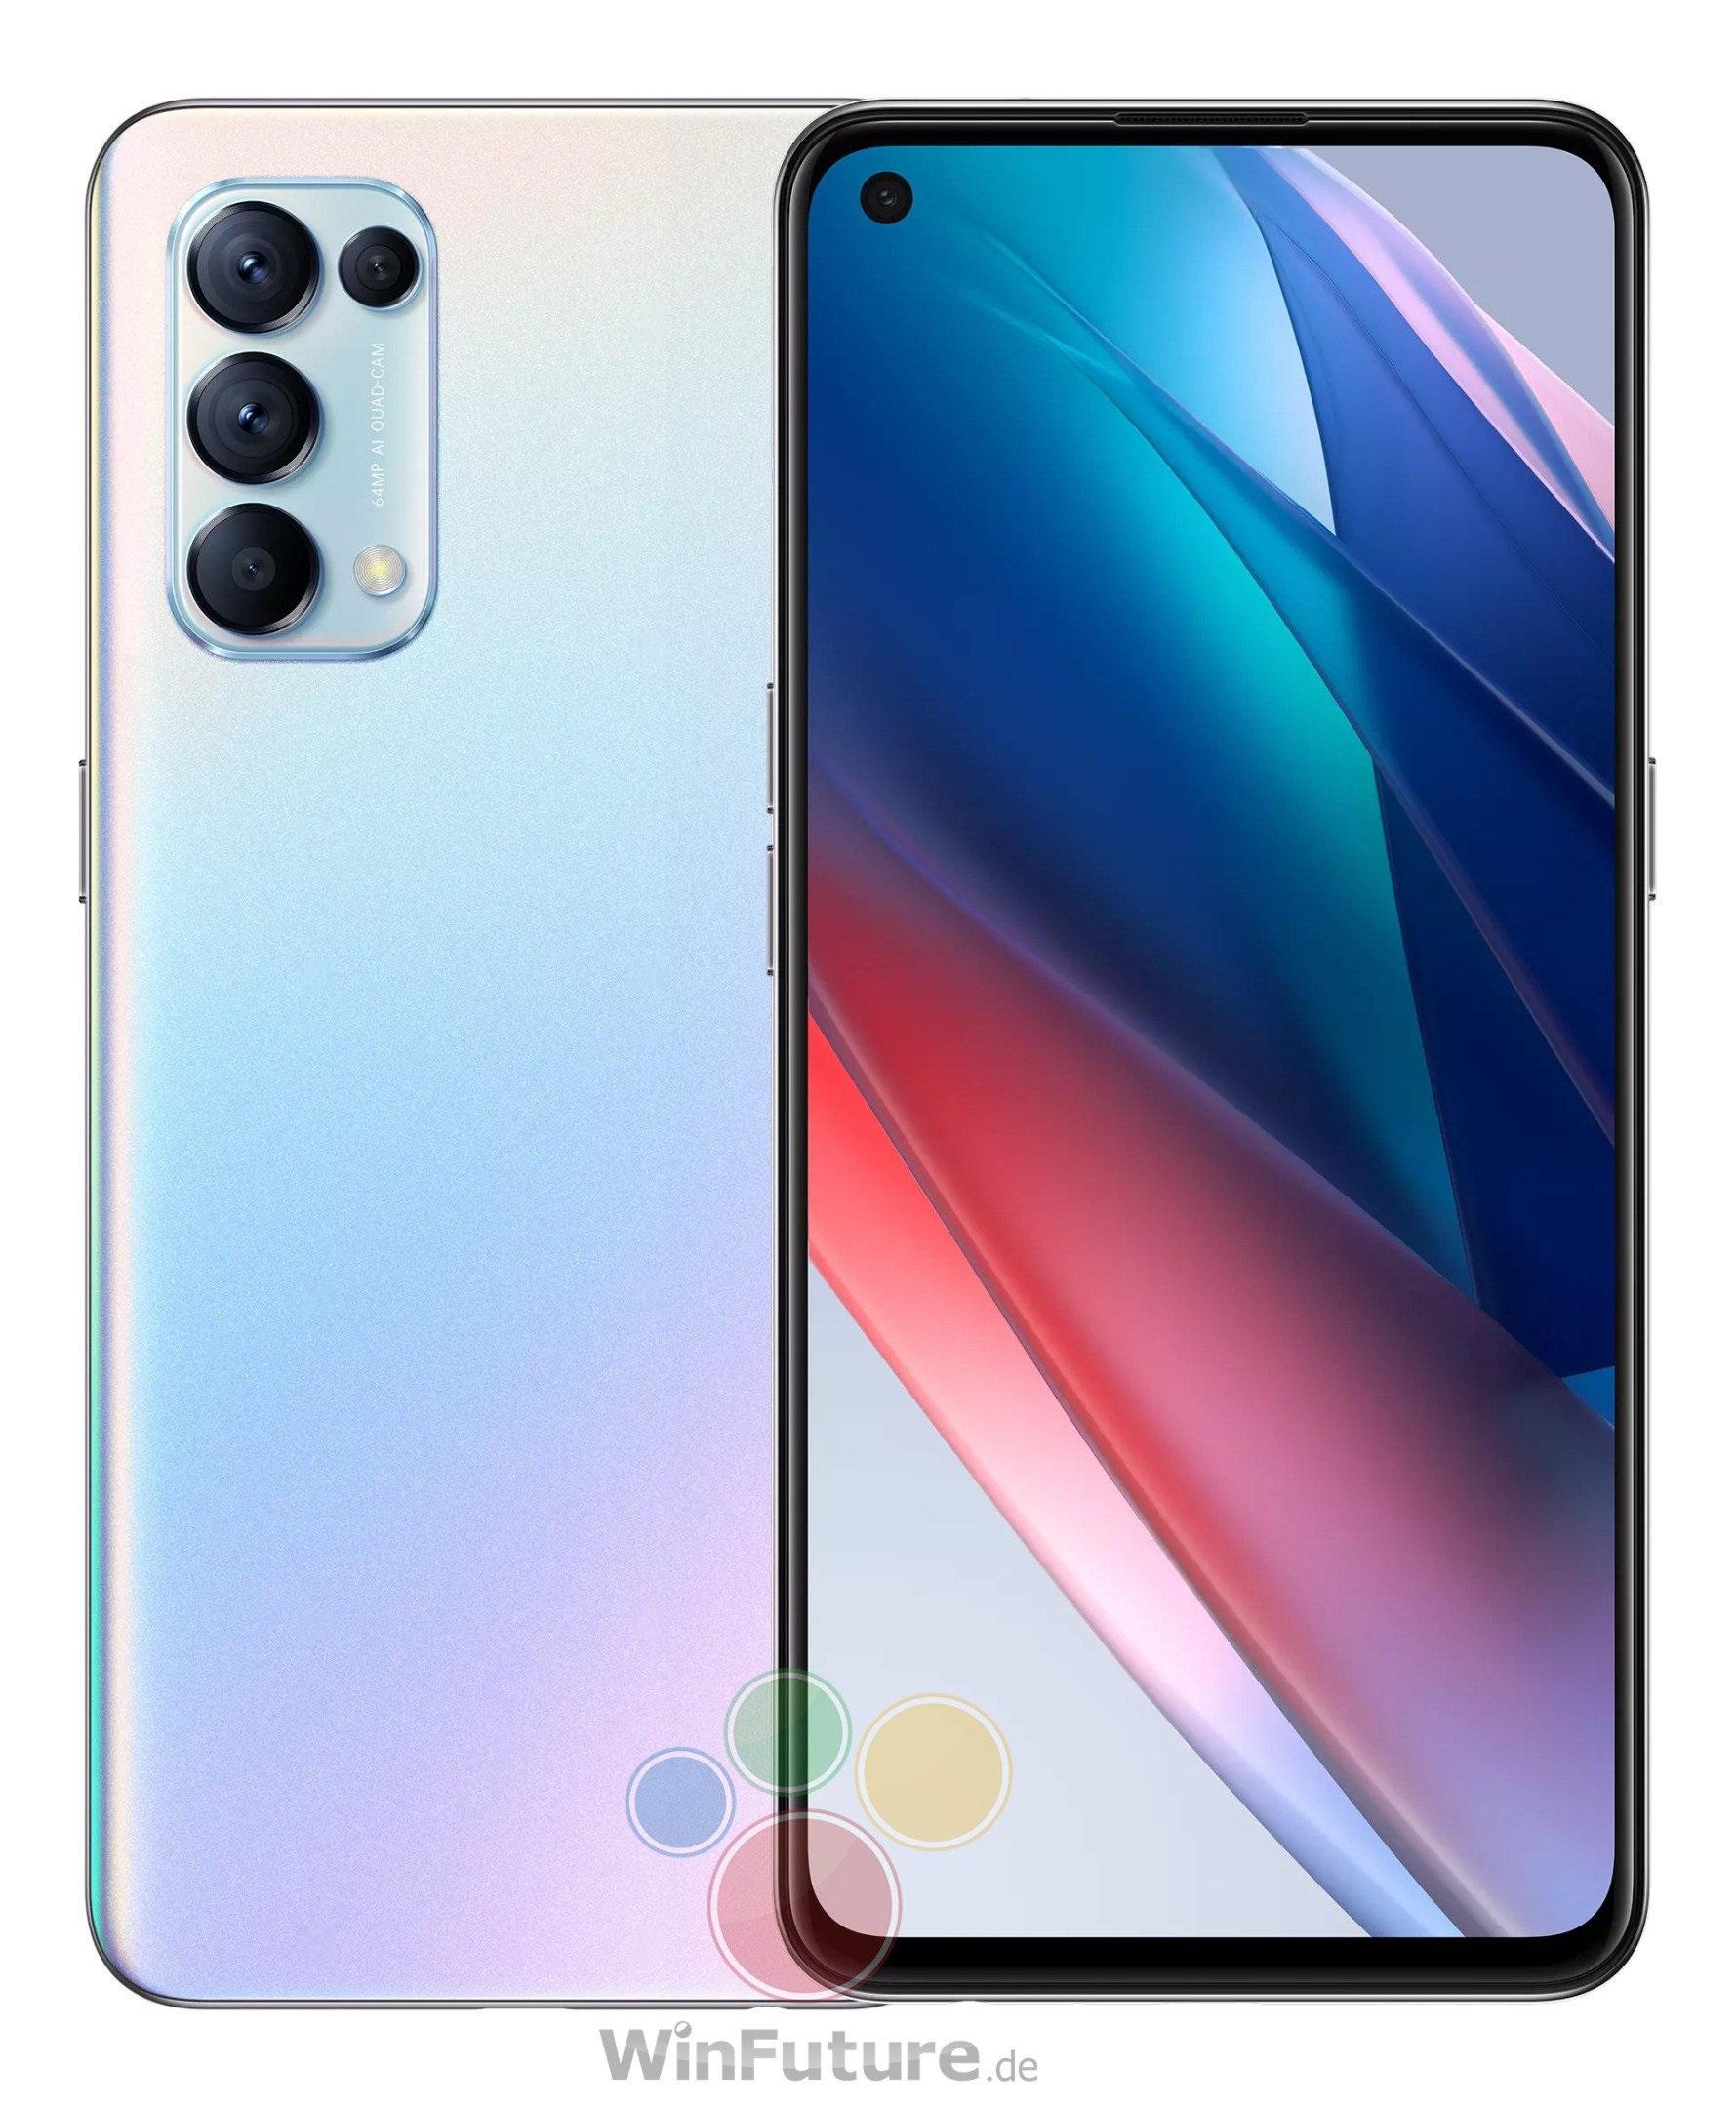 smartfon Oppo Find X3 Lite 5G smartphone